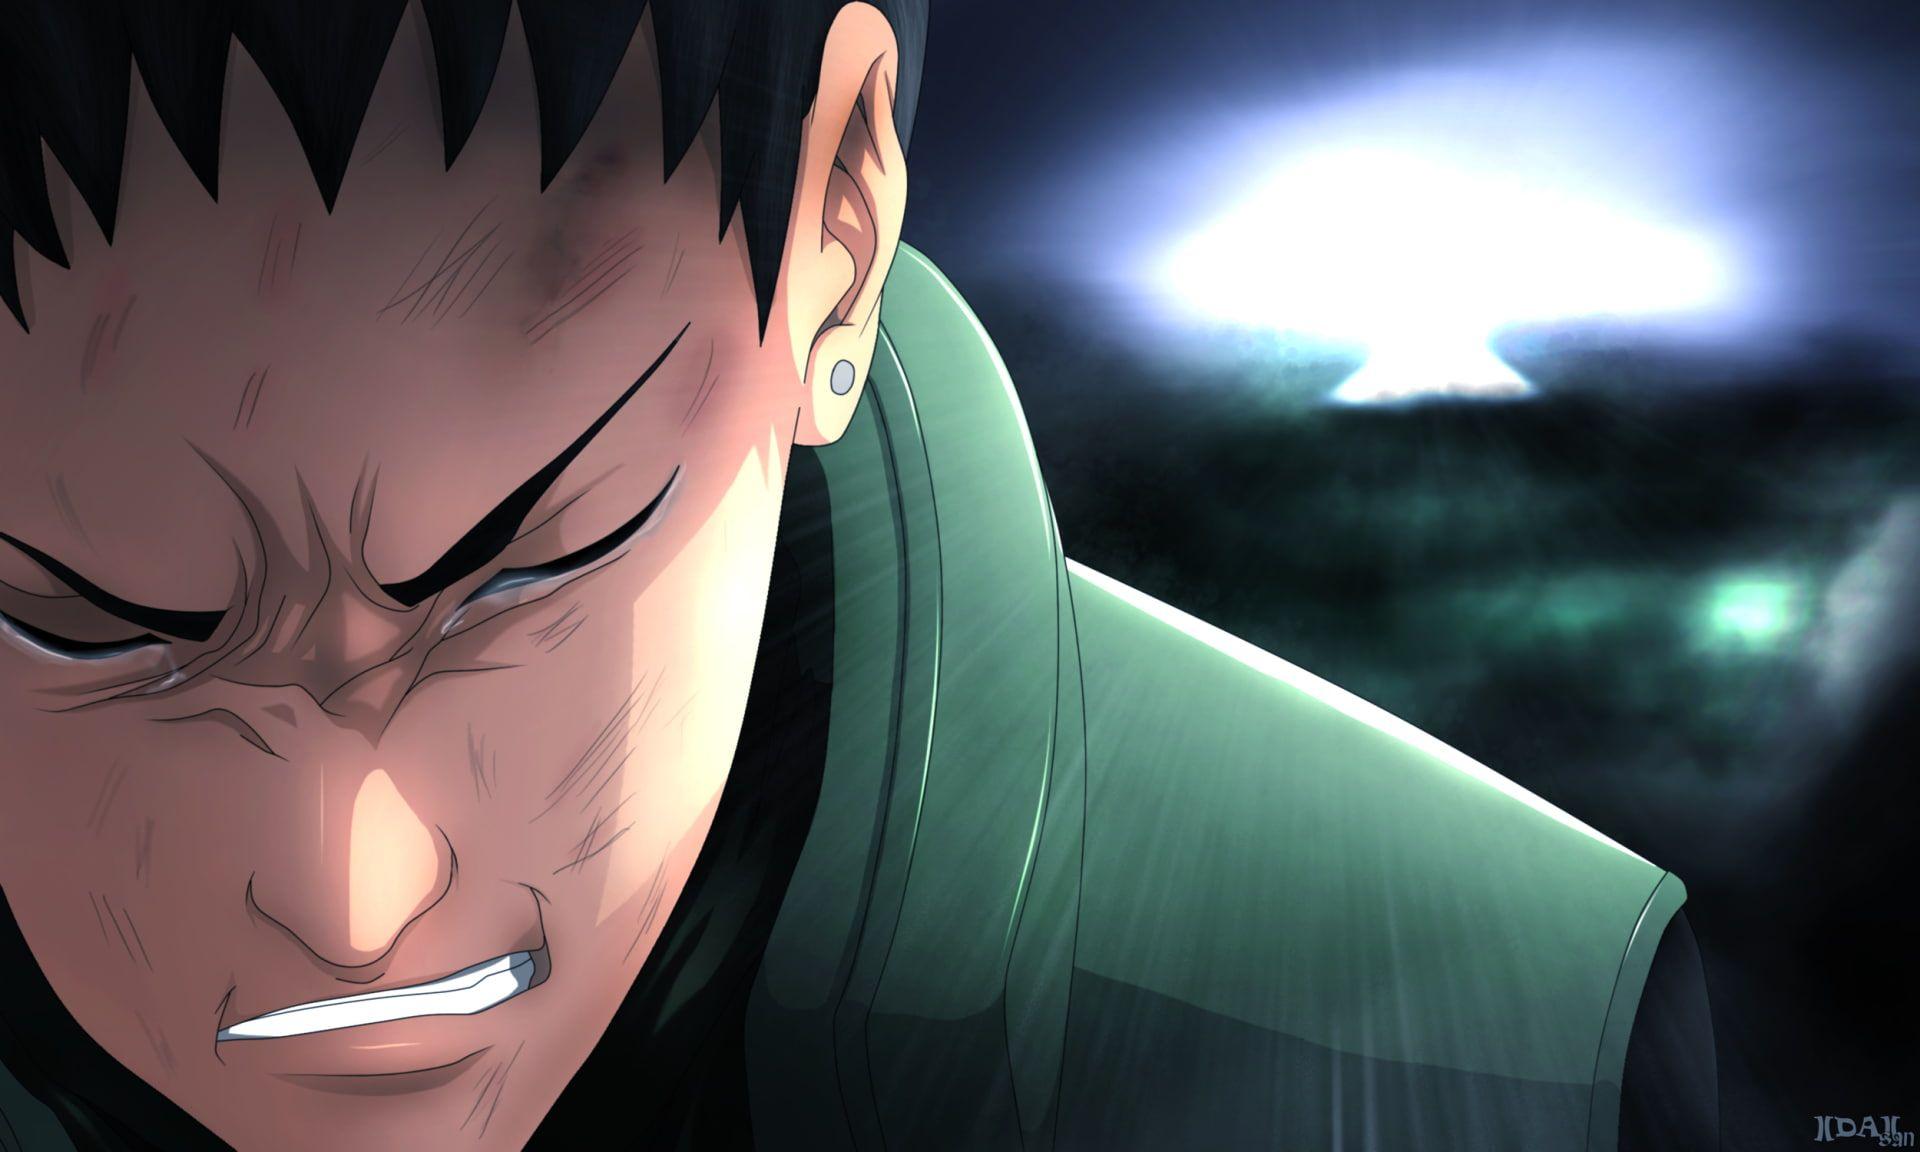 Anime Naruto Shikamaru Nara 1080p Wallpaper Hdwallpaper Desktop Shikamaru Naruto Anime Naruto